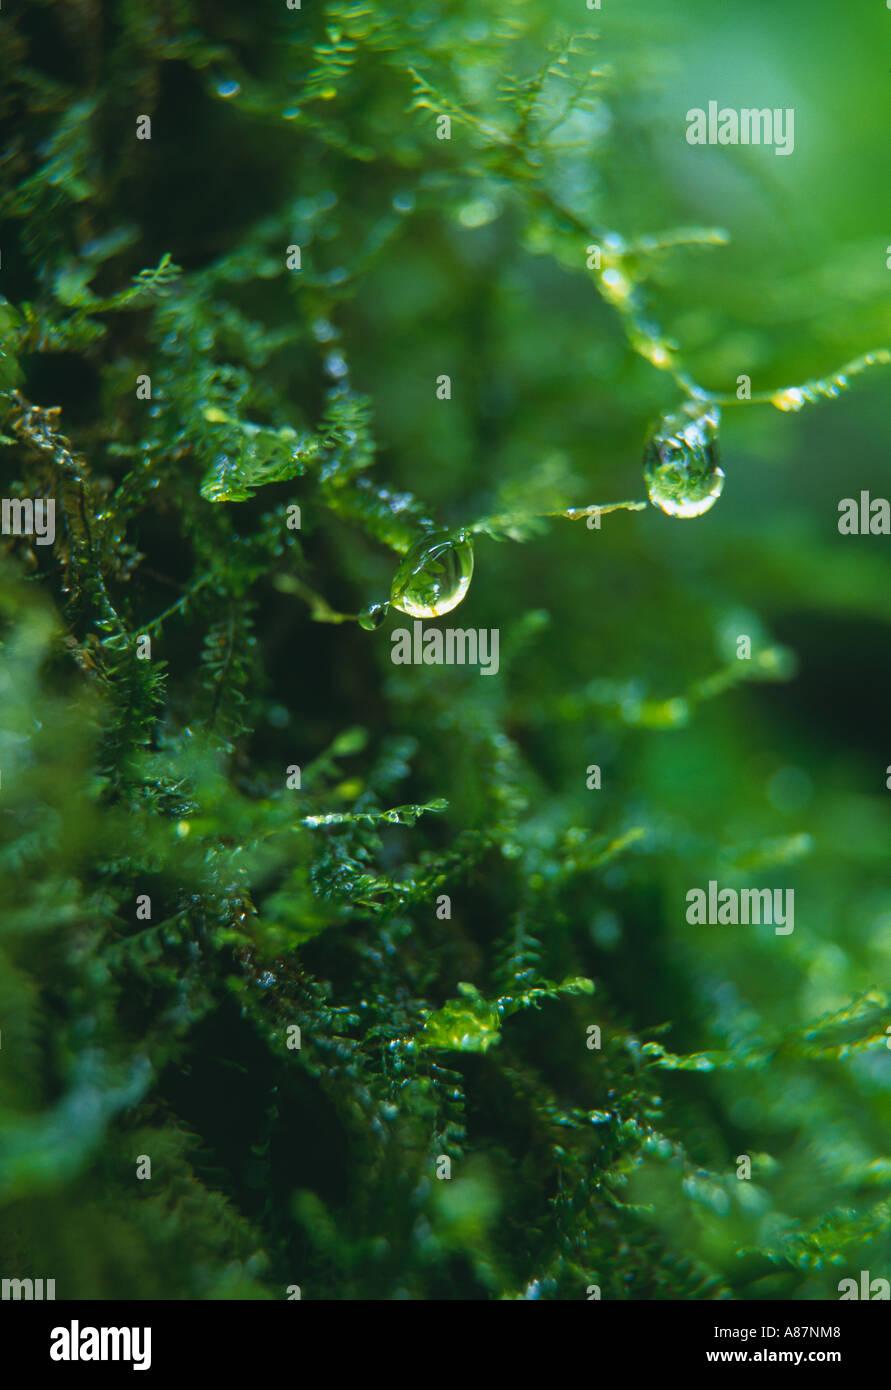 Gota de agua en MOSS en selva tropical nr La Fortuna, Zona Norte de Costa Rica Imagen De Stock